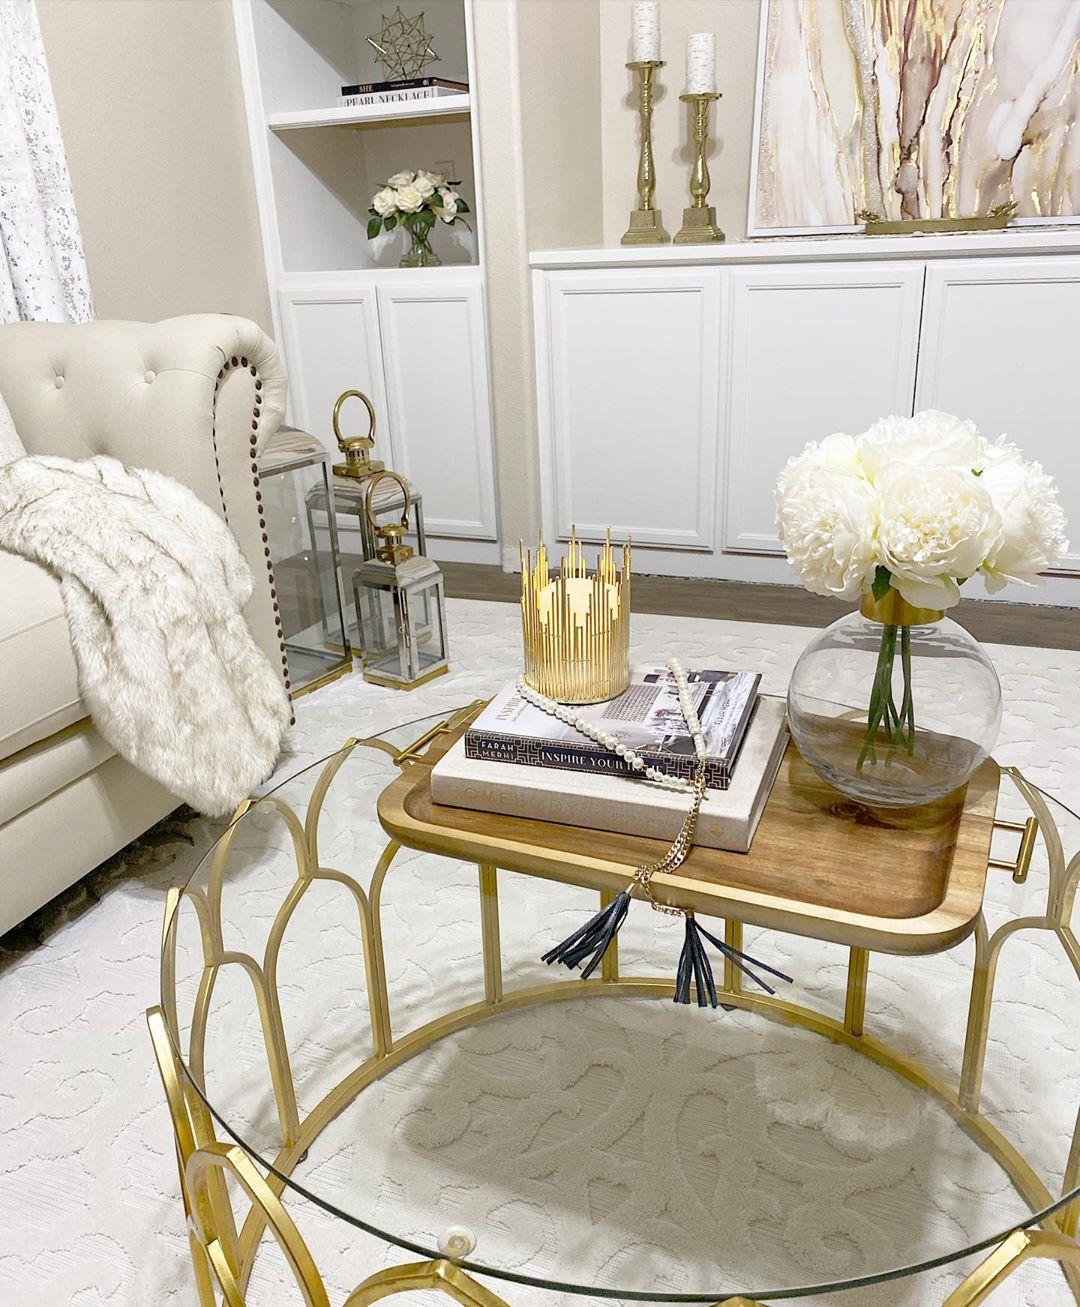 Mesa dorada con combinación en blanco y beige